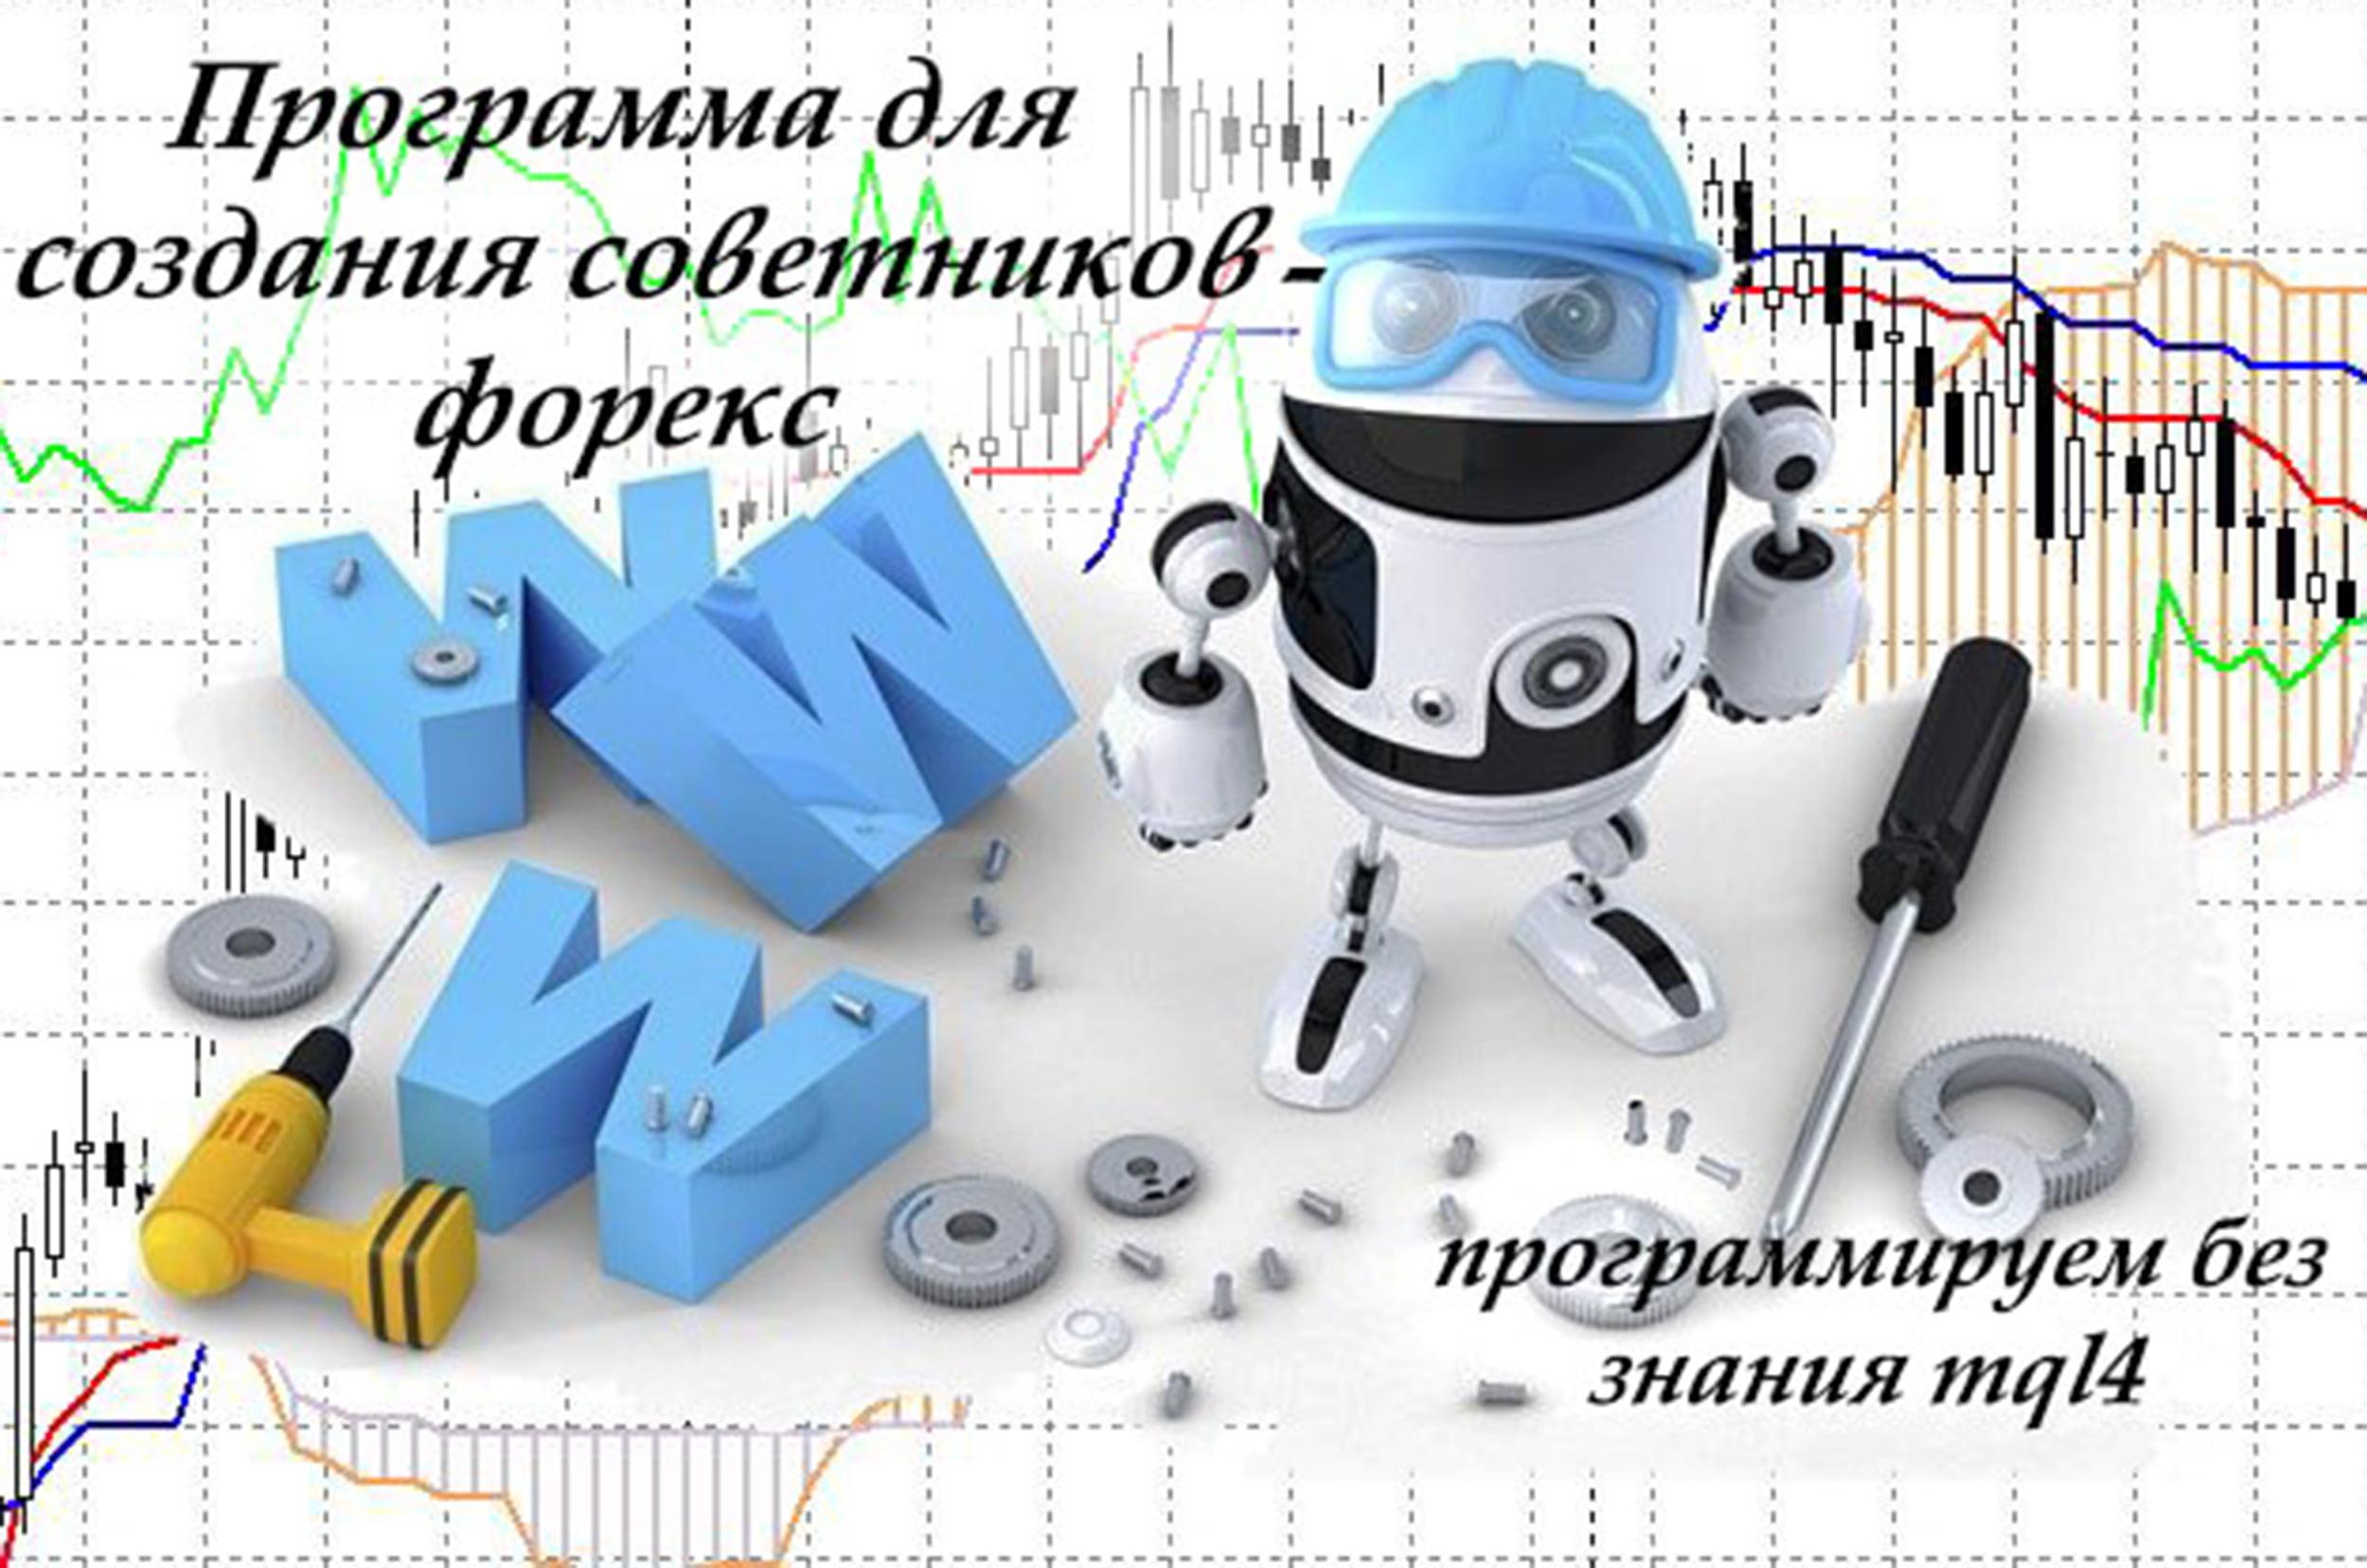 ENSED COR - конструктор торговых советников